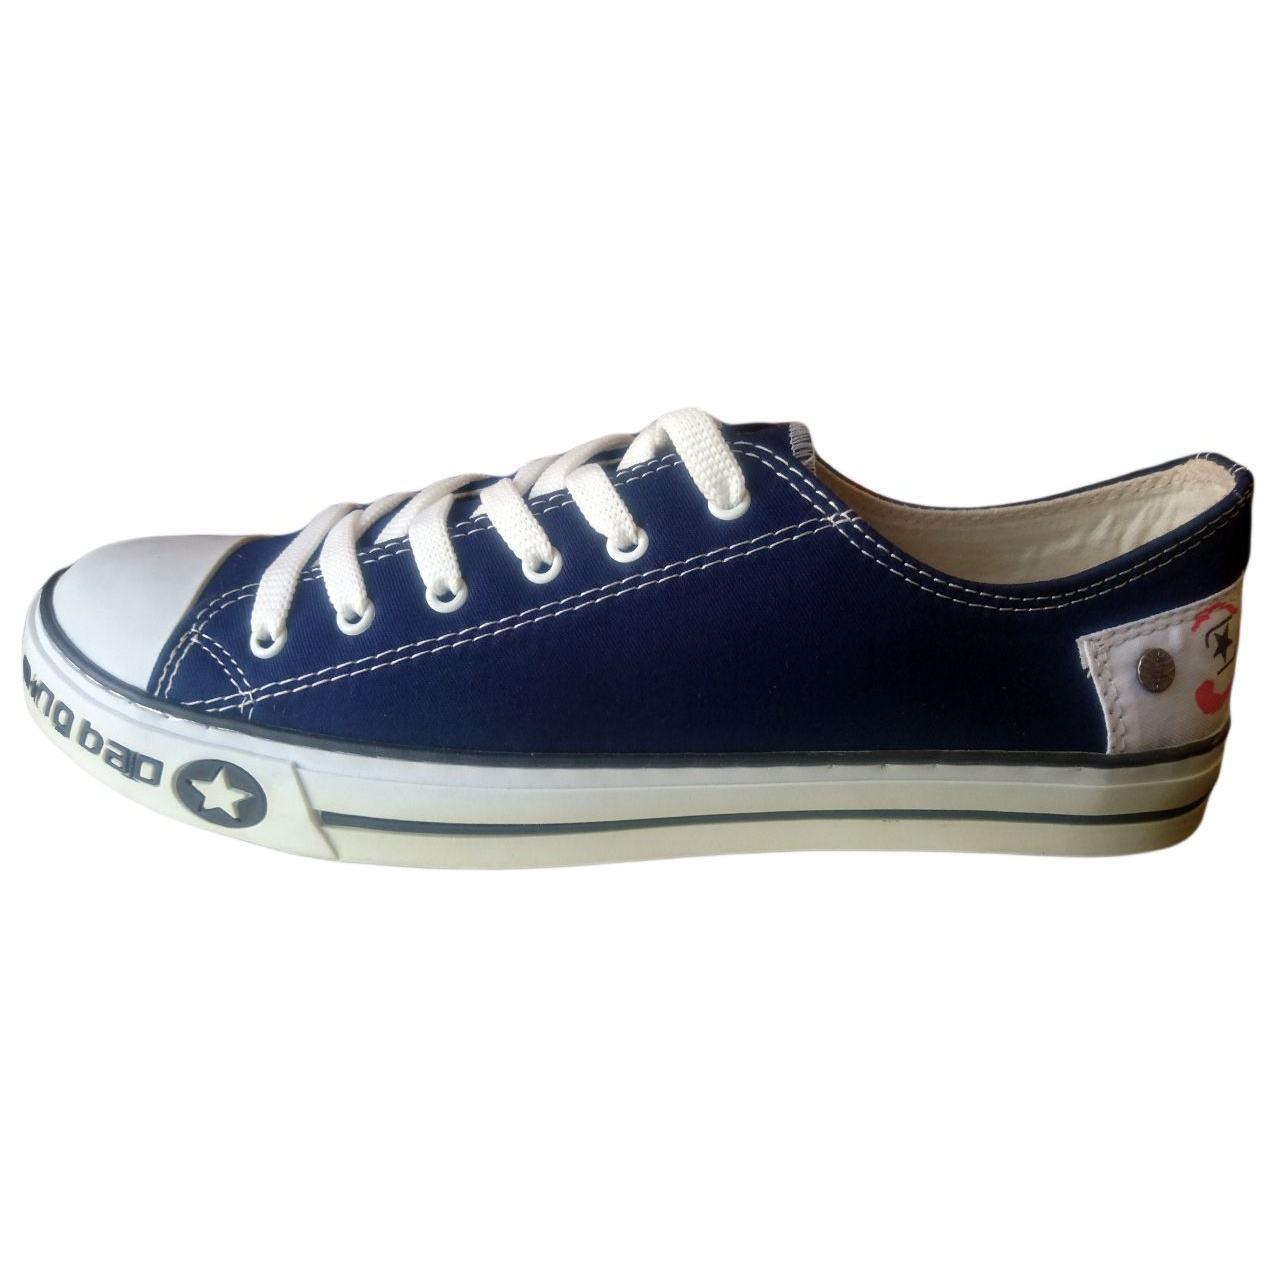 کفش راحتی  مدل All Star ming bao